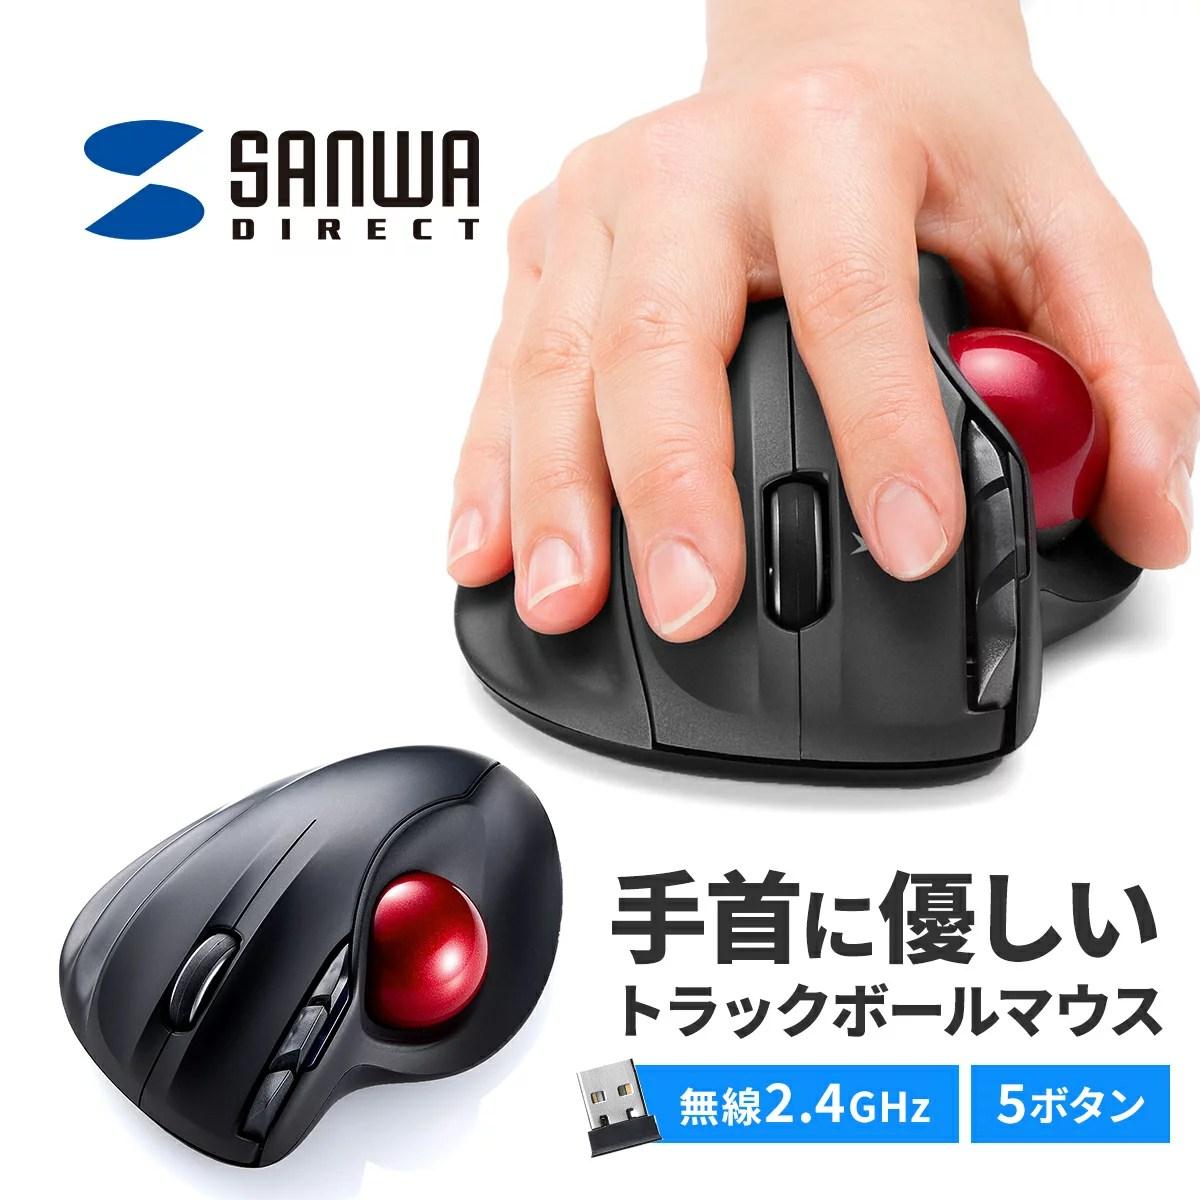 トラックボールマウス ワイヤレスマウス エルゴノミクスマウス レーザーマウス カウント数自動調整 6